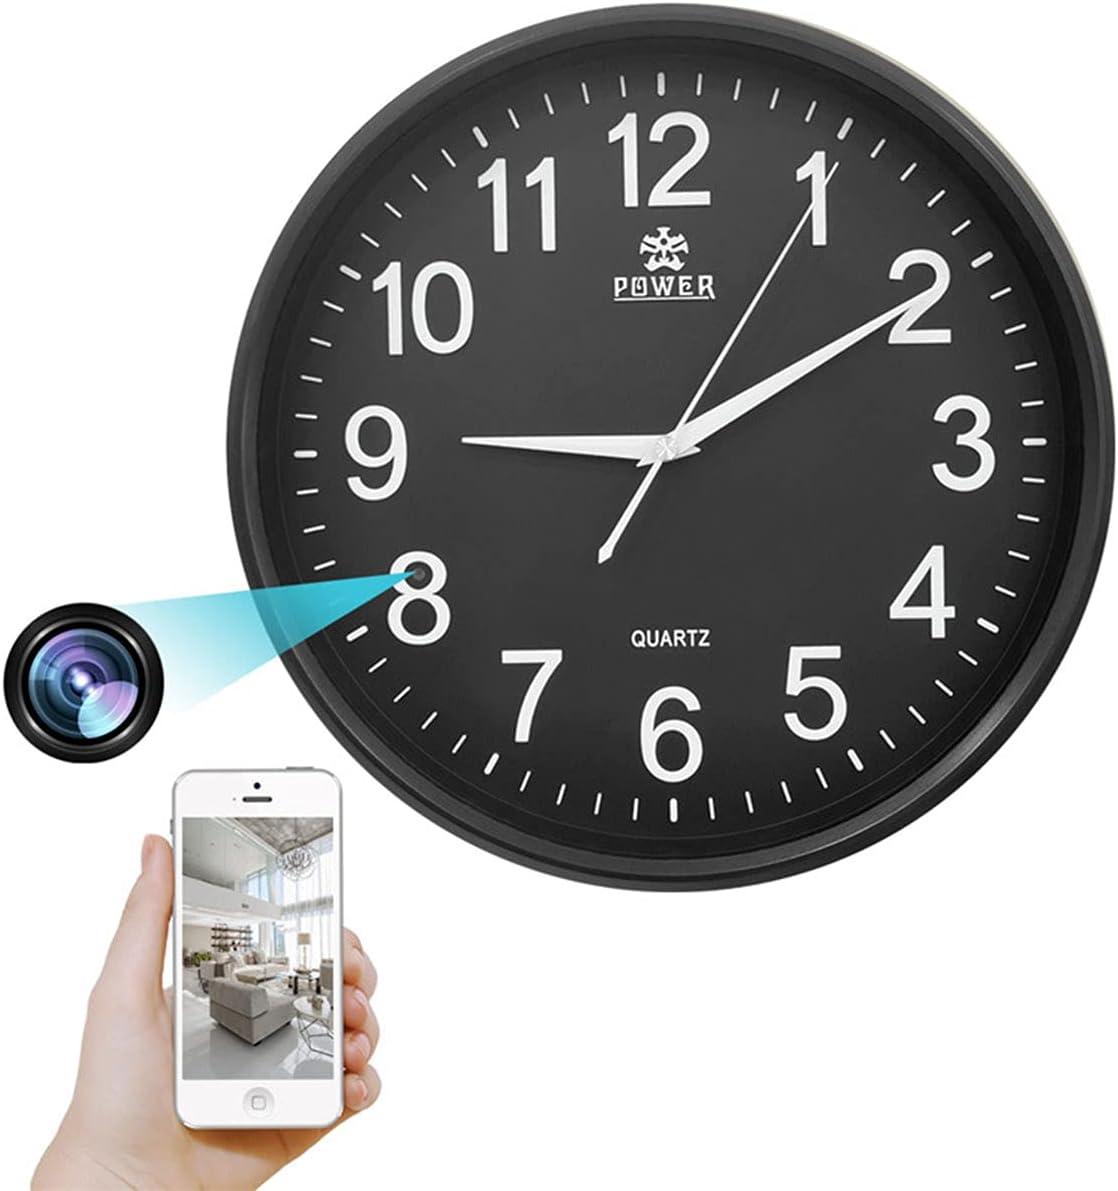 GEQWE Reloj De Pared con Cámara Espía WiFi, Cámara IP Oculta 1080P HD Spy DVR Visión Nocturna con Cámara De Niñera En Tiempo Real, Grabación En Bucle, Compatible con iOS/Android